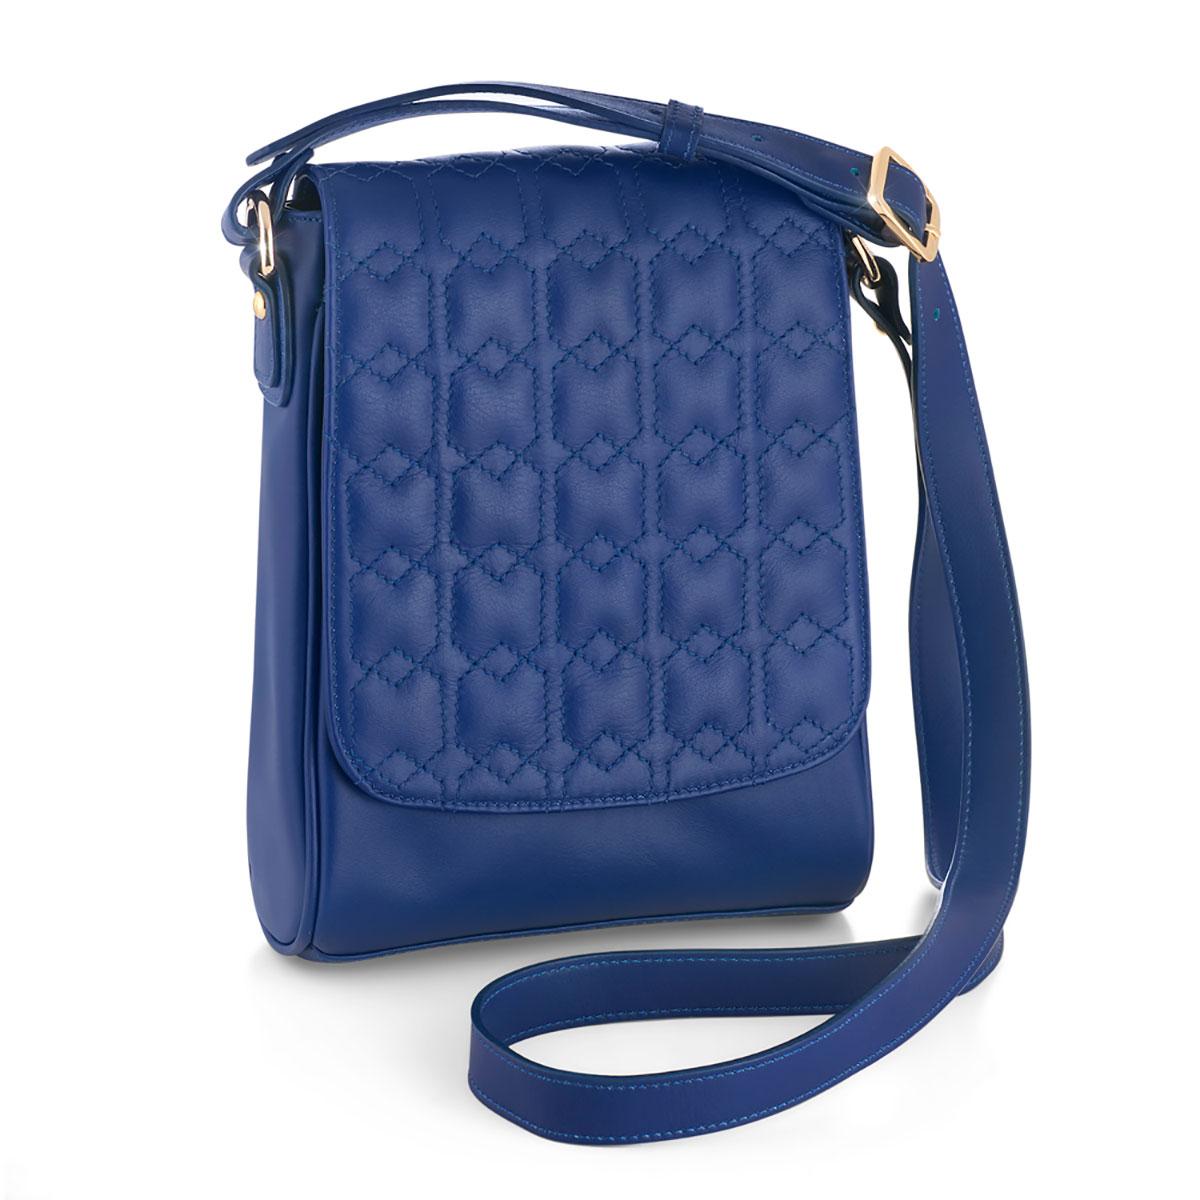 کیف دستی چرم مدل مودس- قول واکر (آبی)